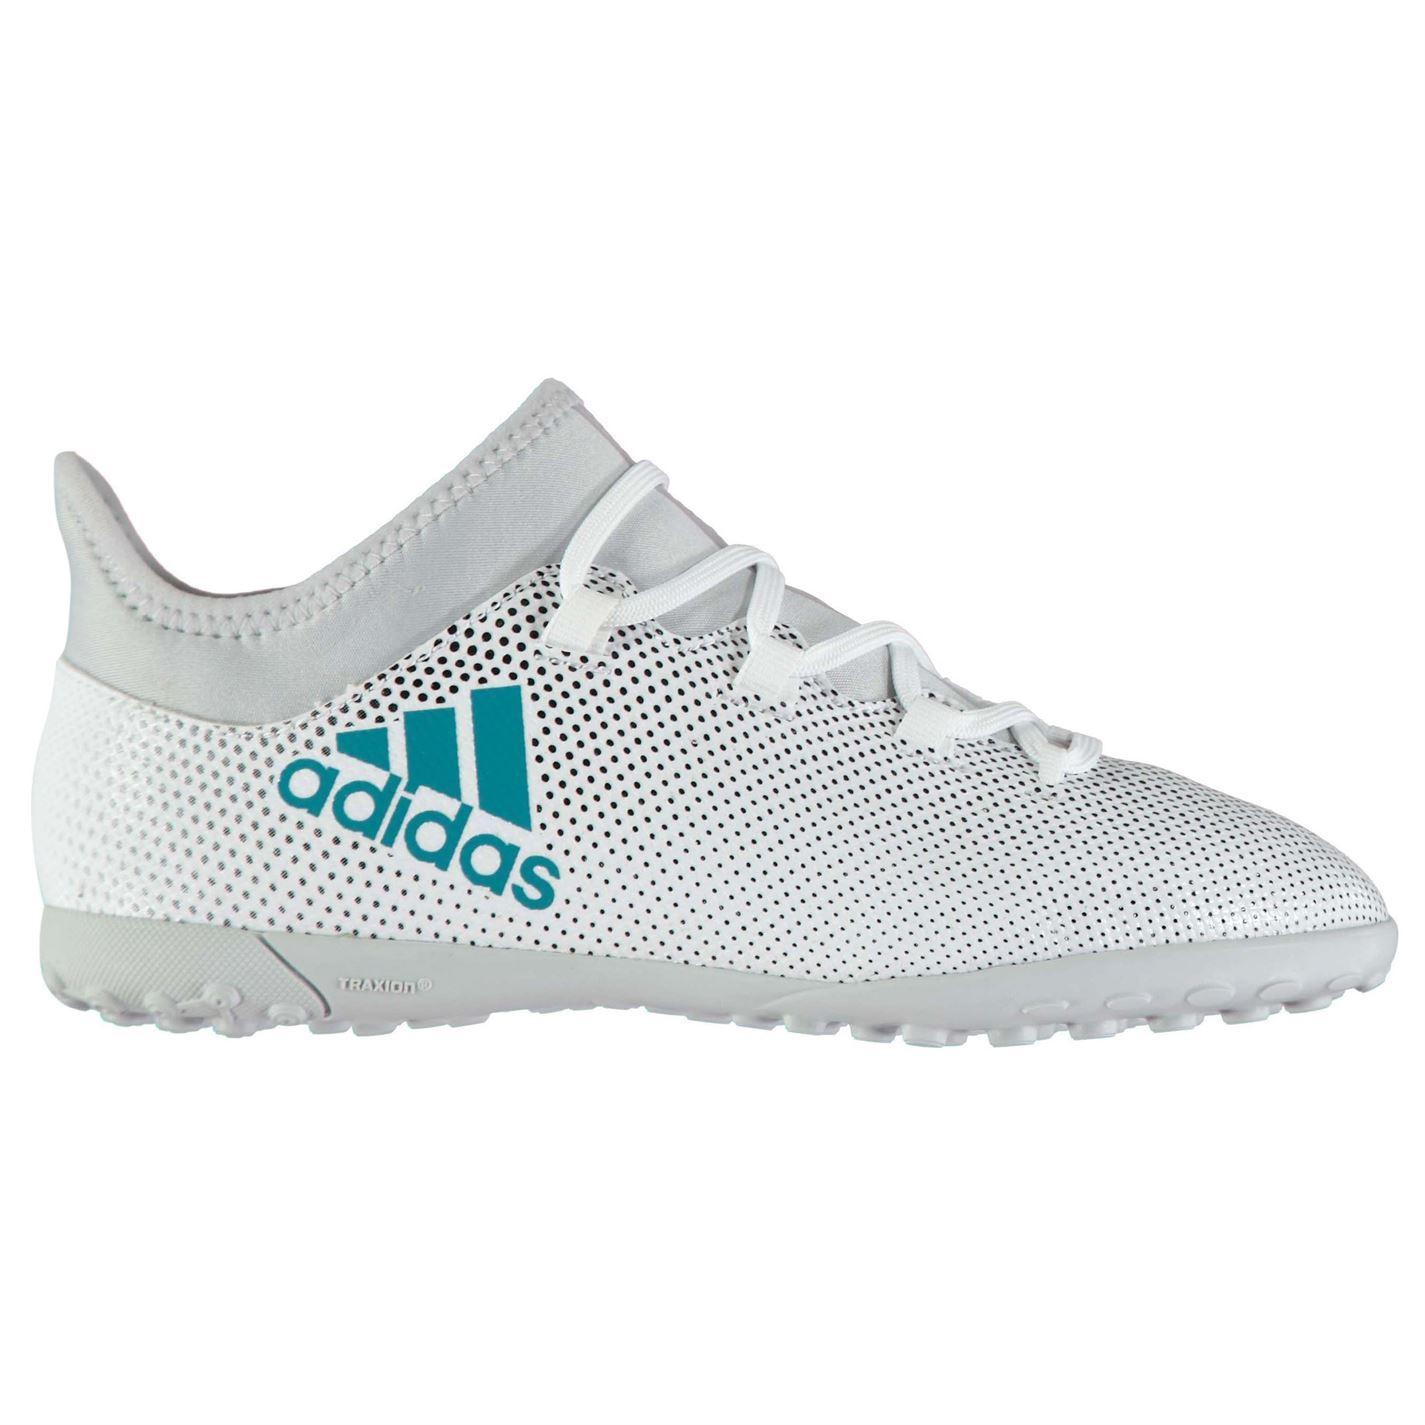 Football Shoes Amazon Uk